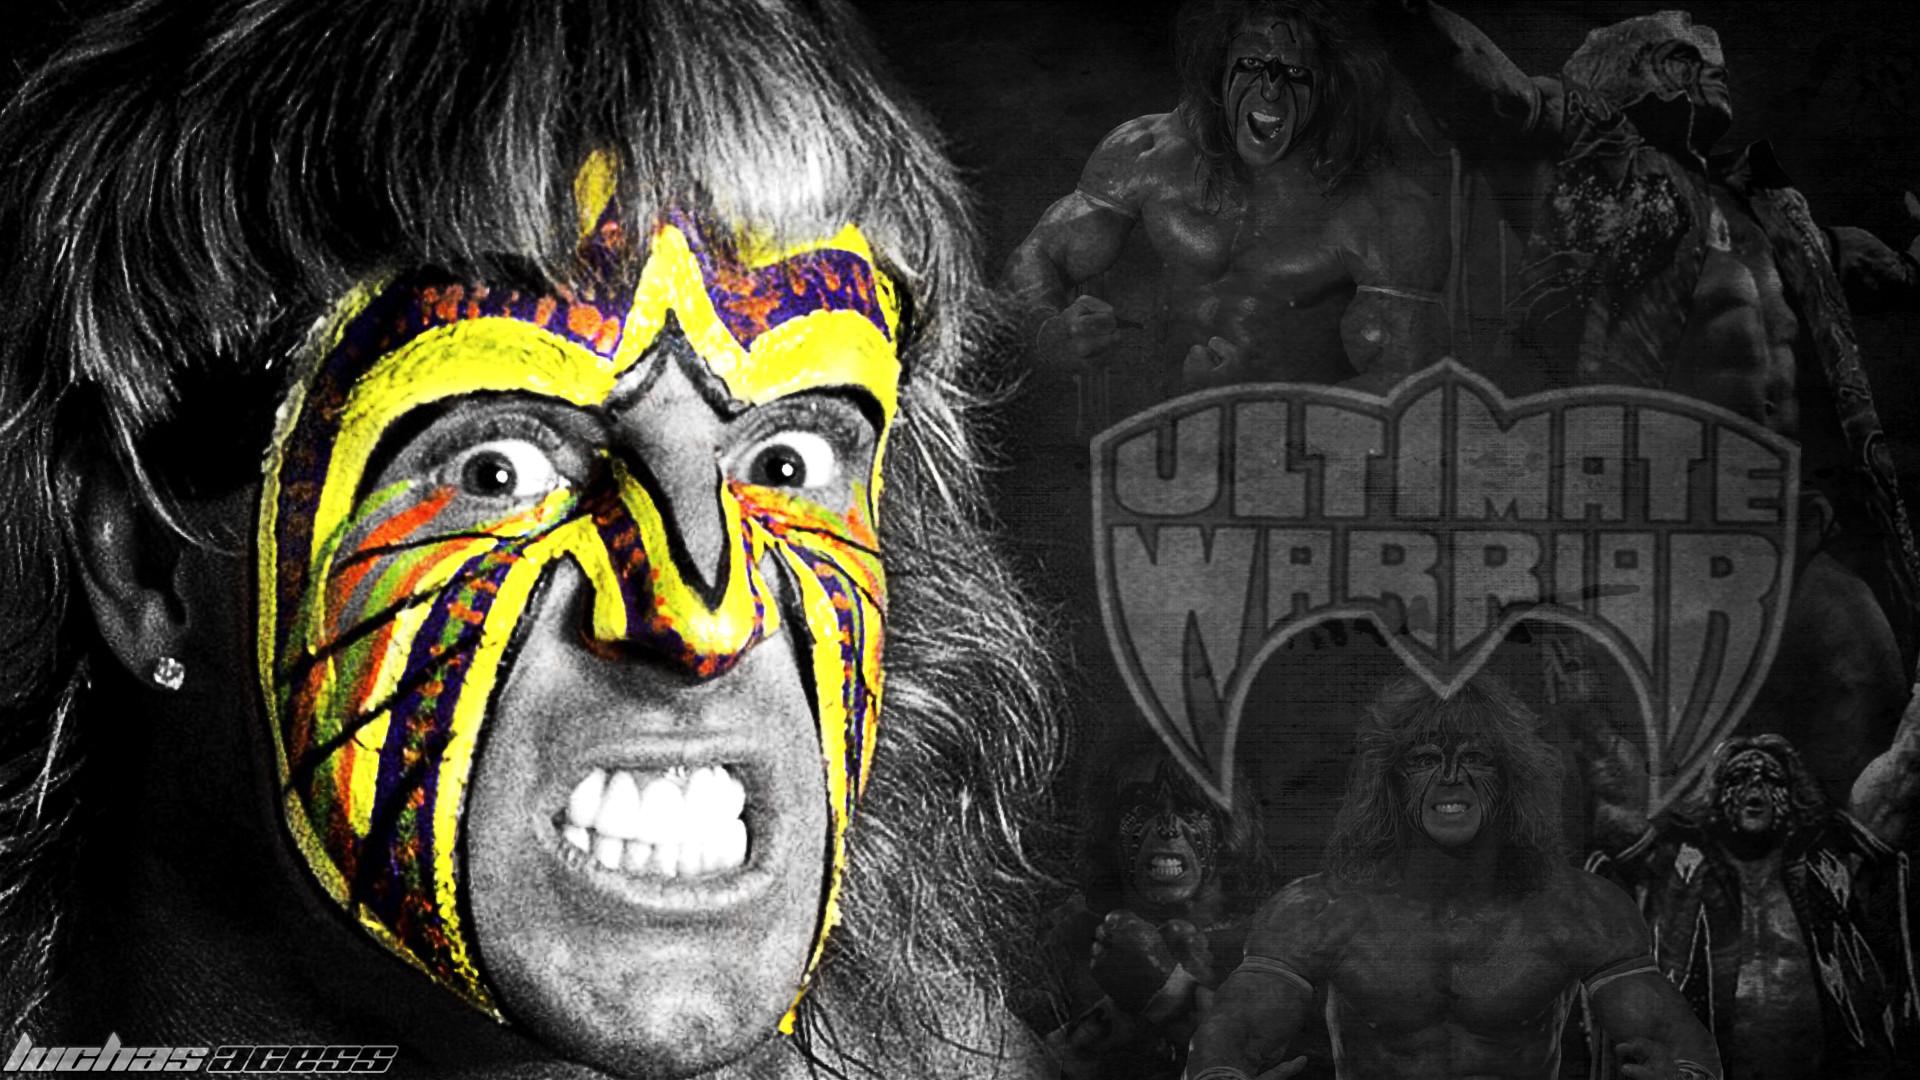 Wallpaper Ultimate Warrior 2014